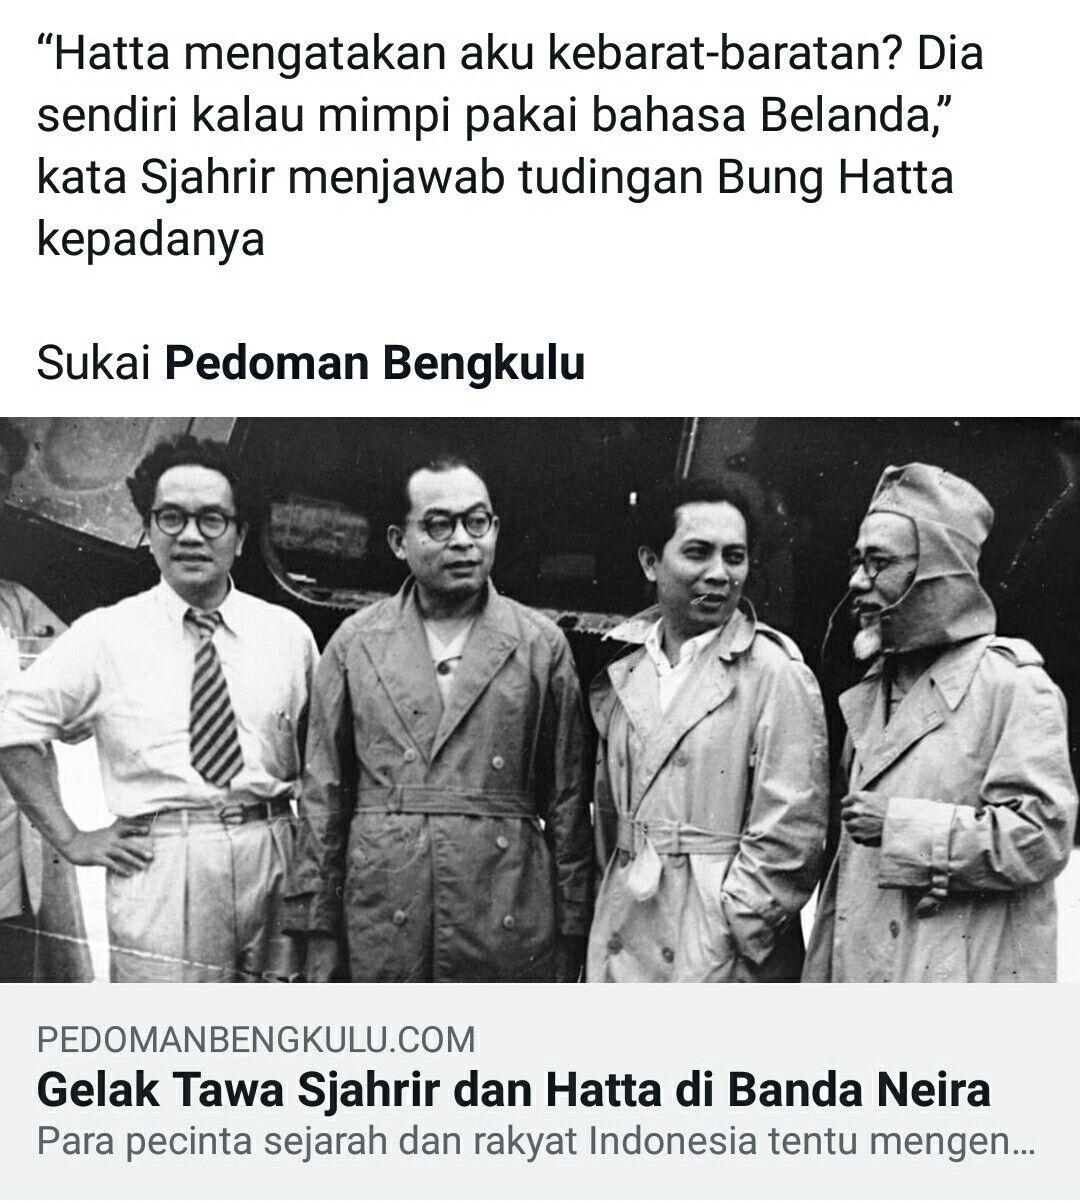 Gambar Pahlawan Bung Hatta